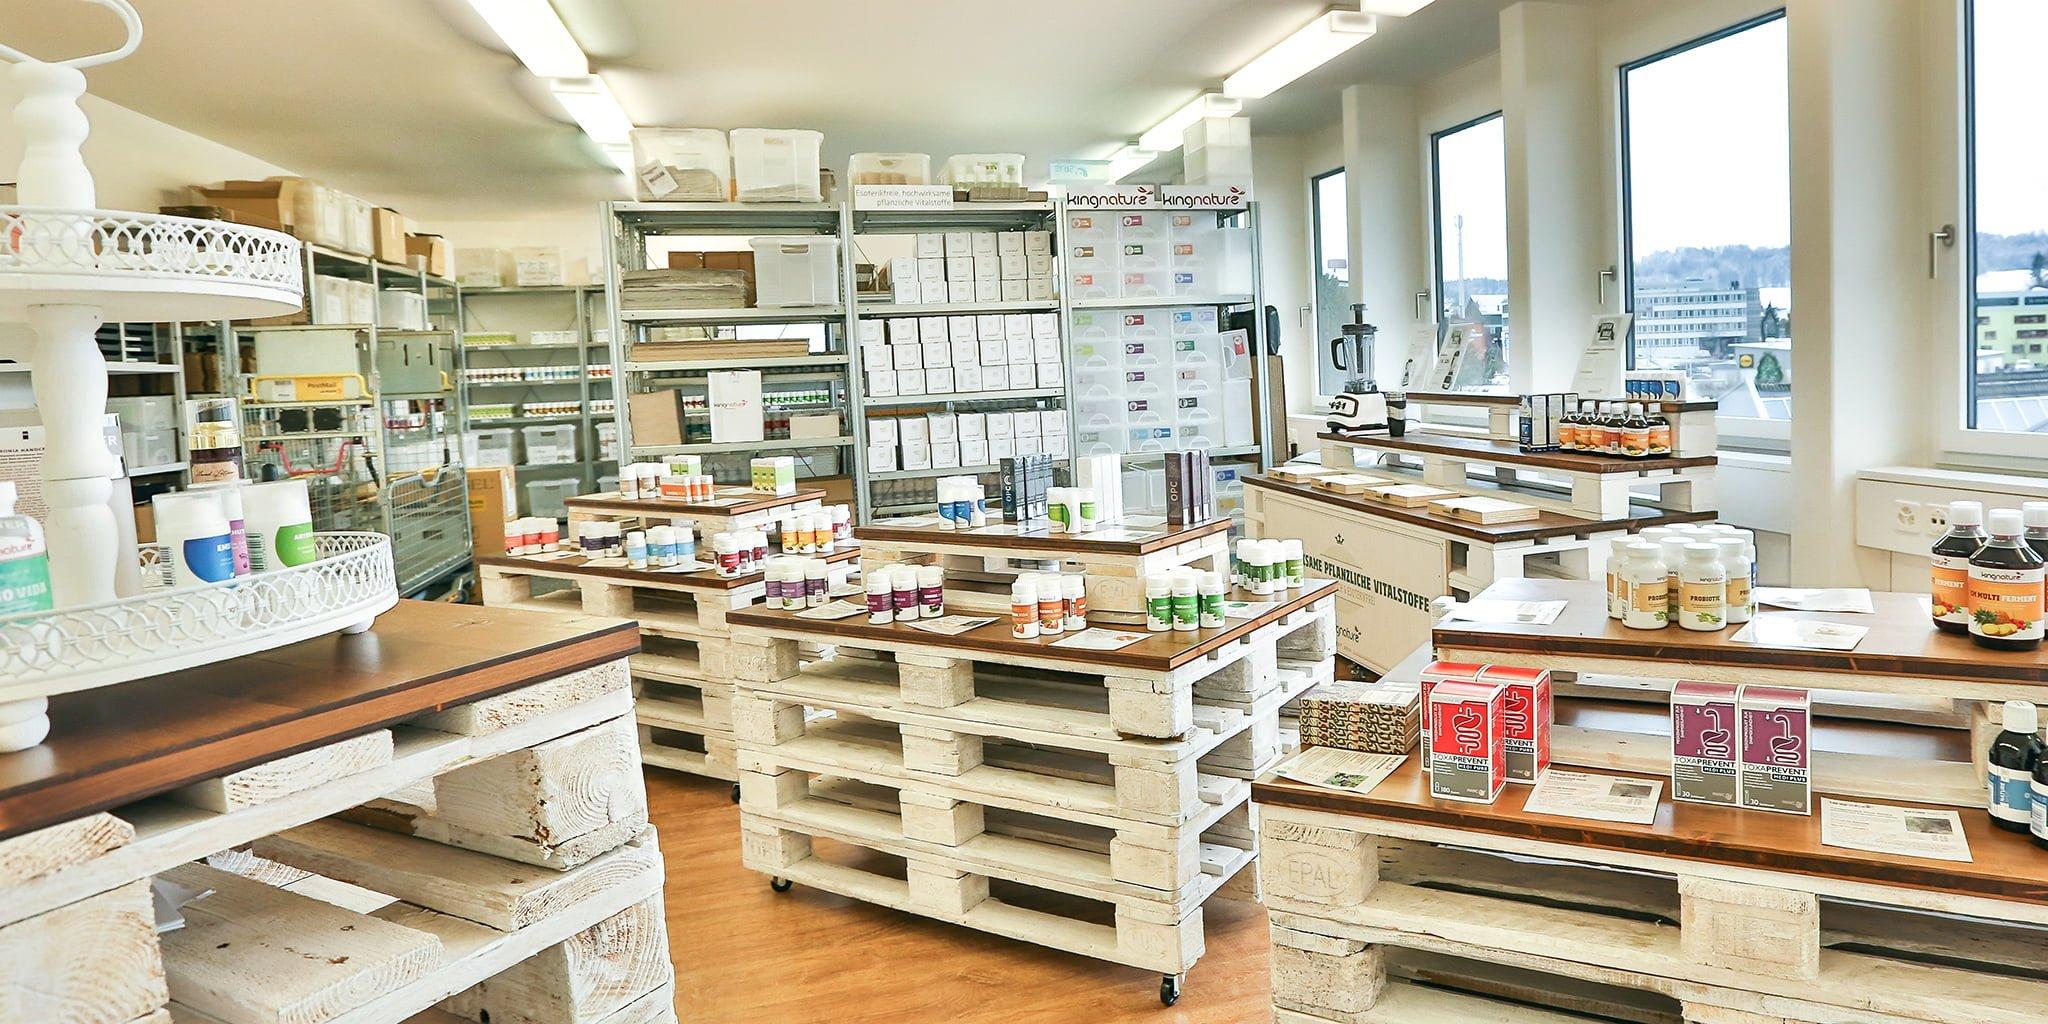 Fabrikladen von kingnature in Wädenswil Schweiz